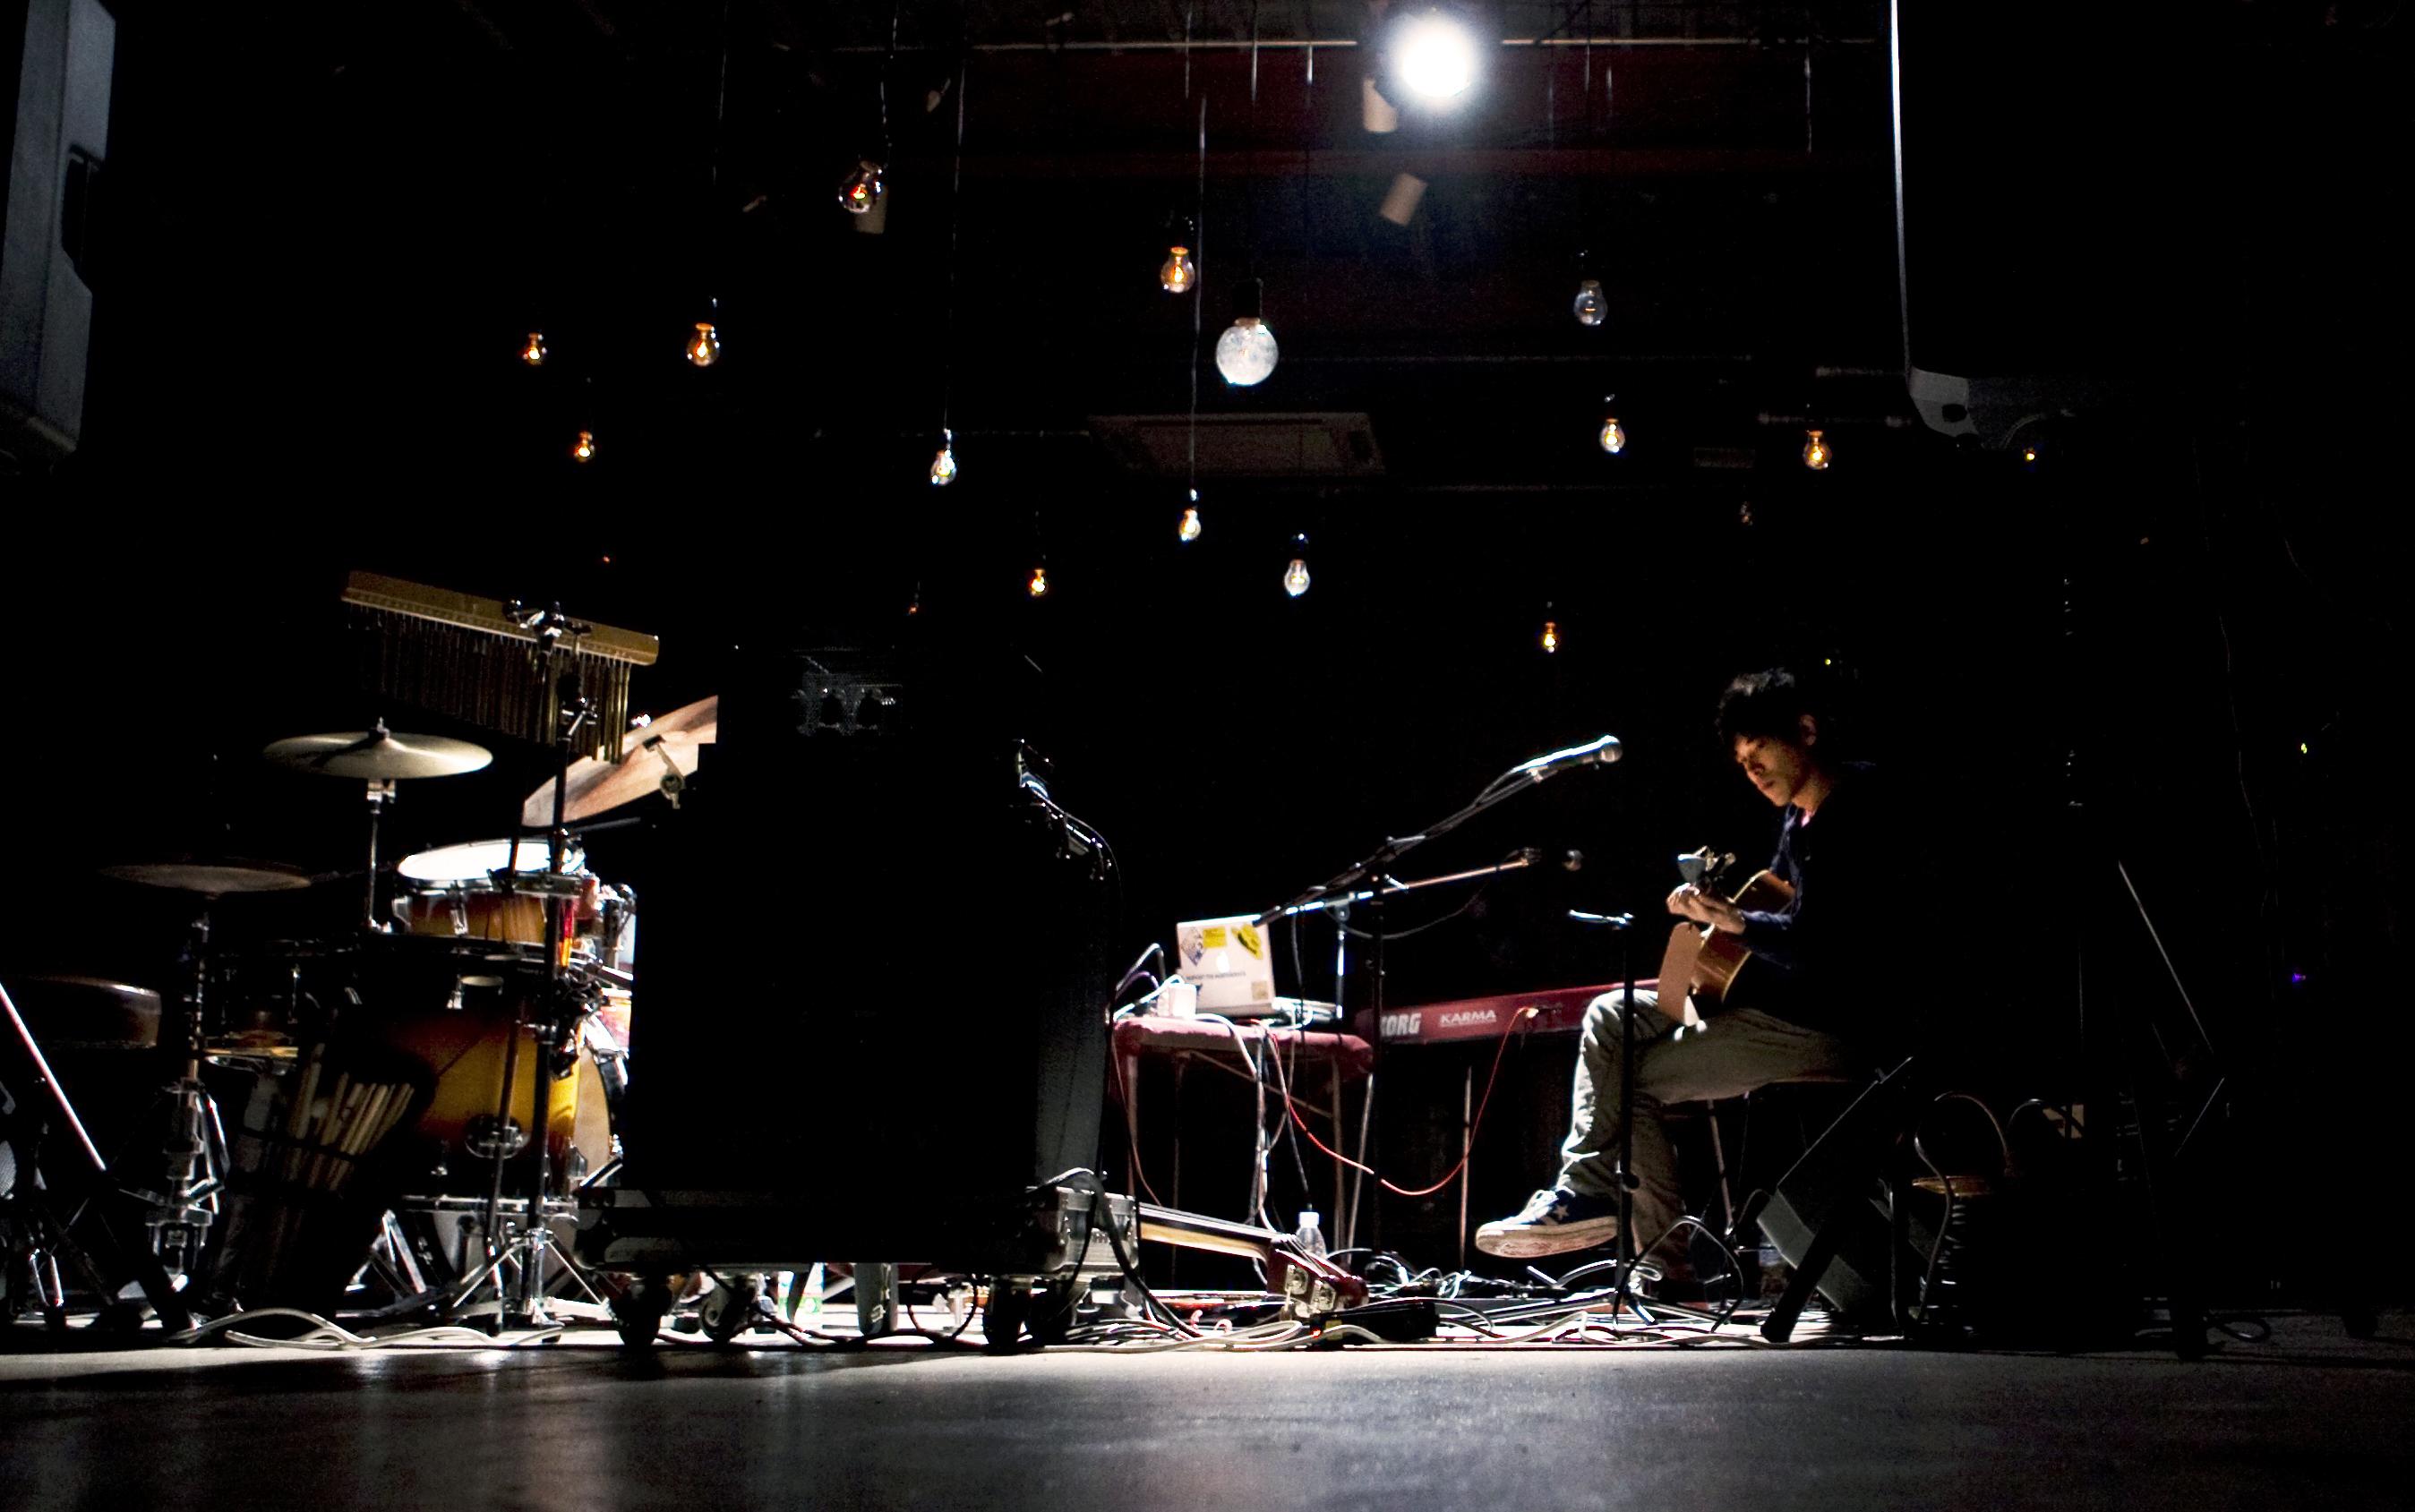 <暮らしに溶け込む音楽vol.1>@西永福 すかんぽカリーbar